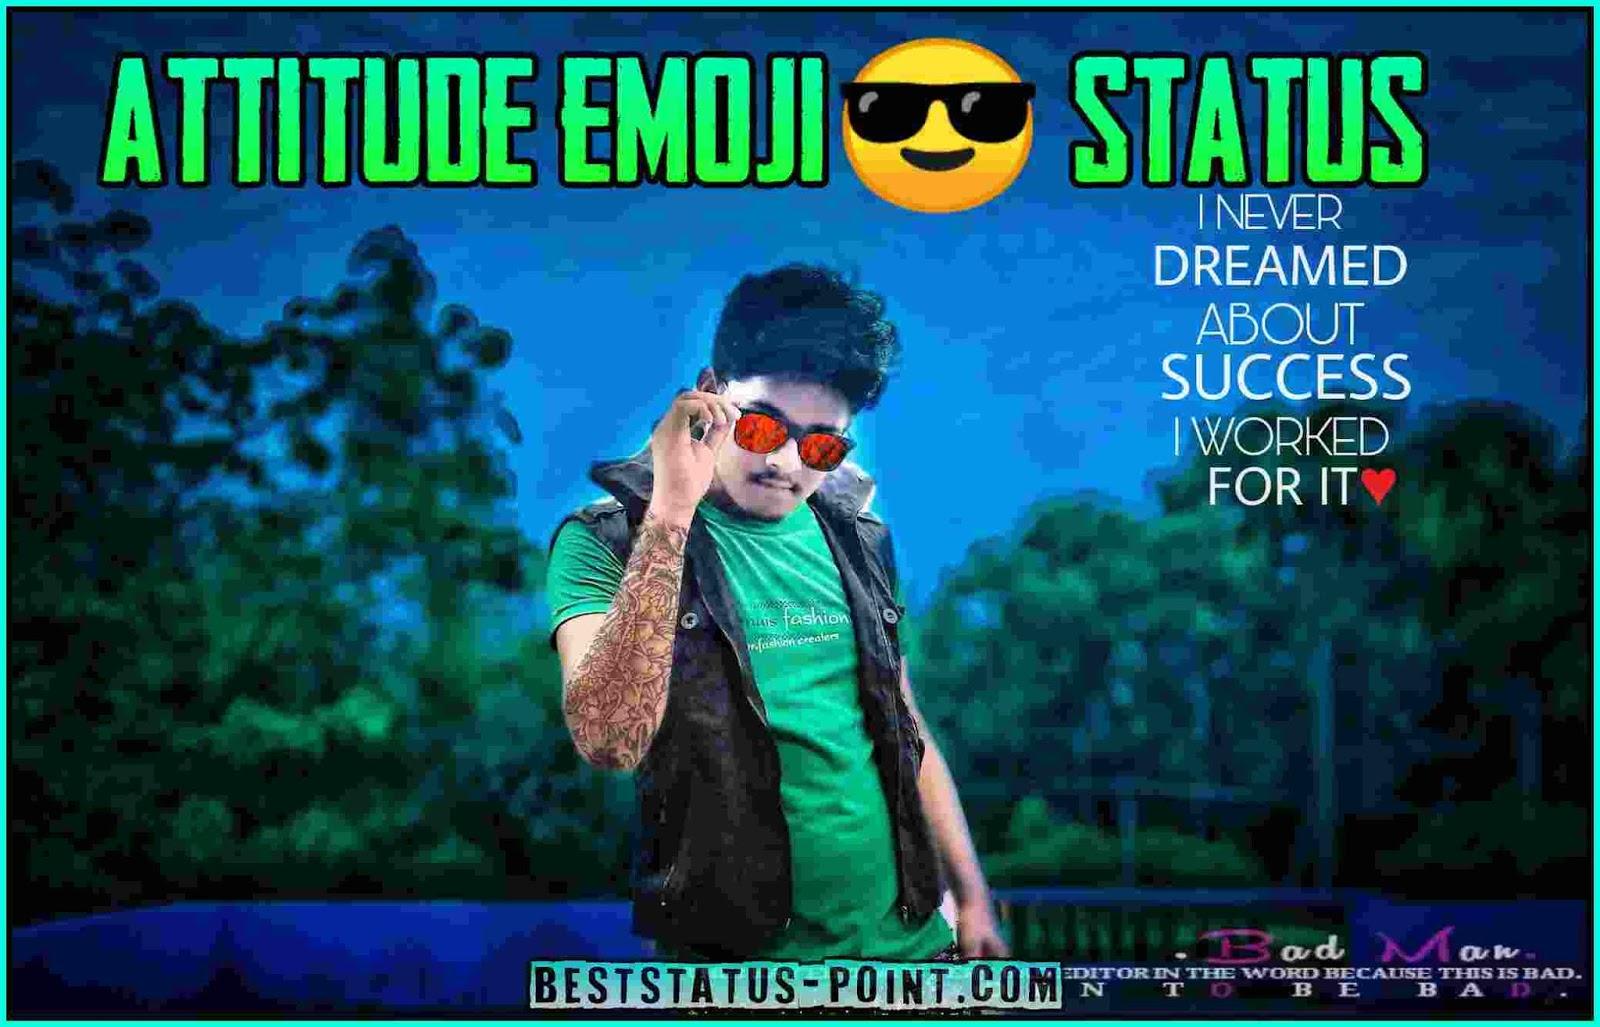 Emoji_Attitude_Status